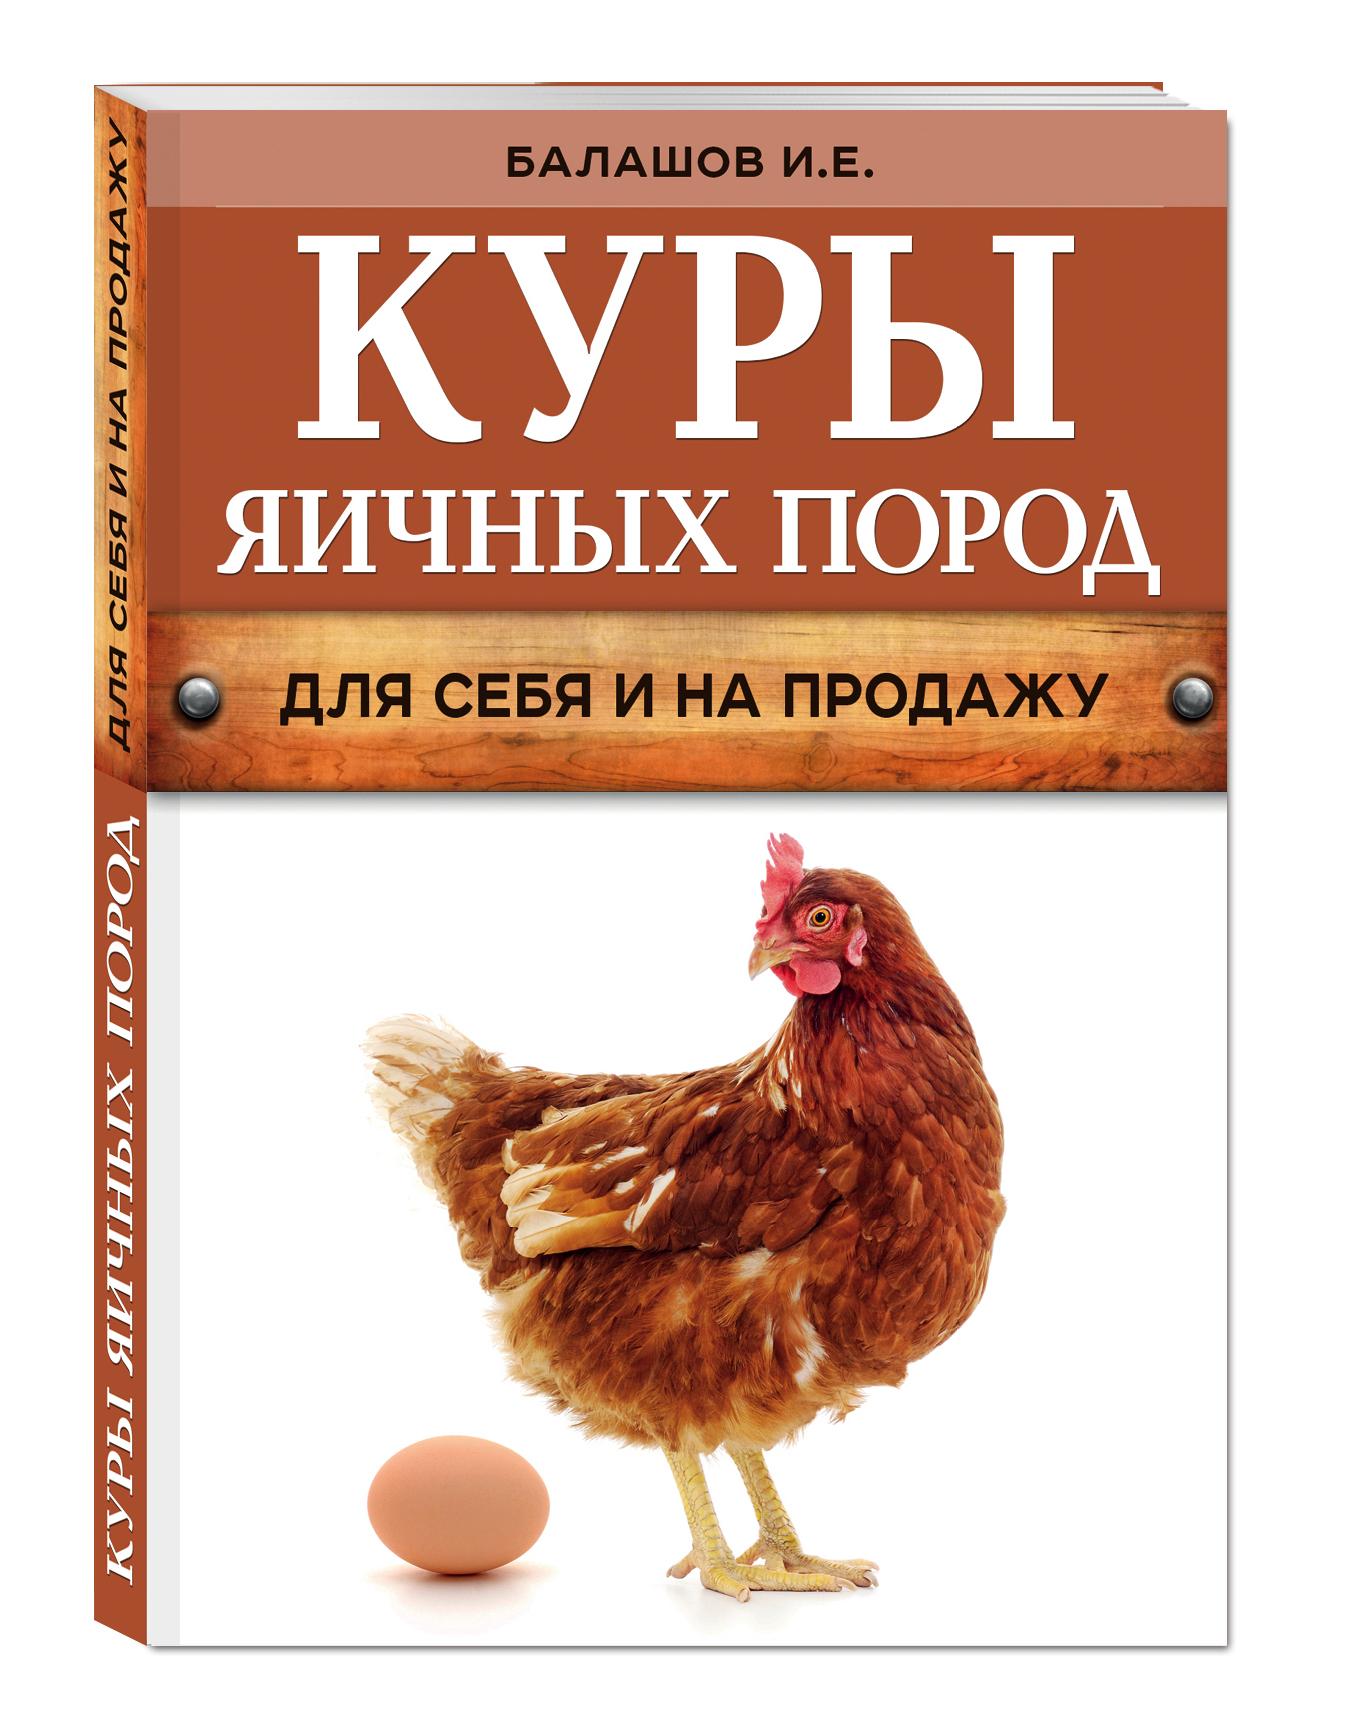 Куры яичных пород (нов.оф.) ( Балашов И.Е.  )